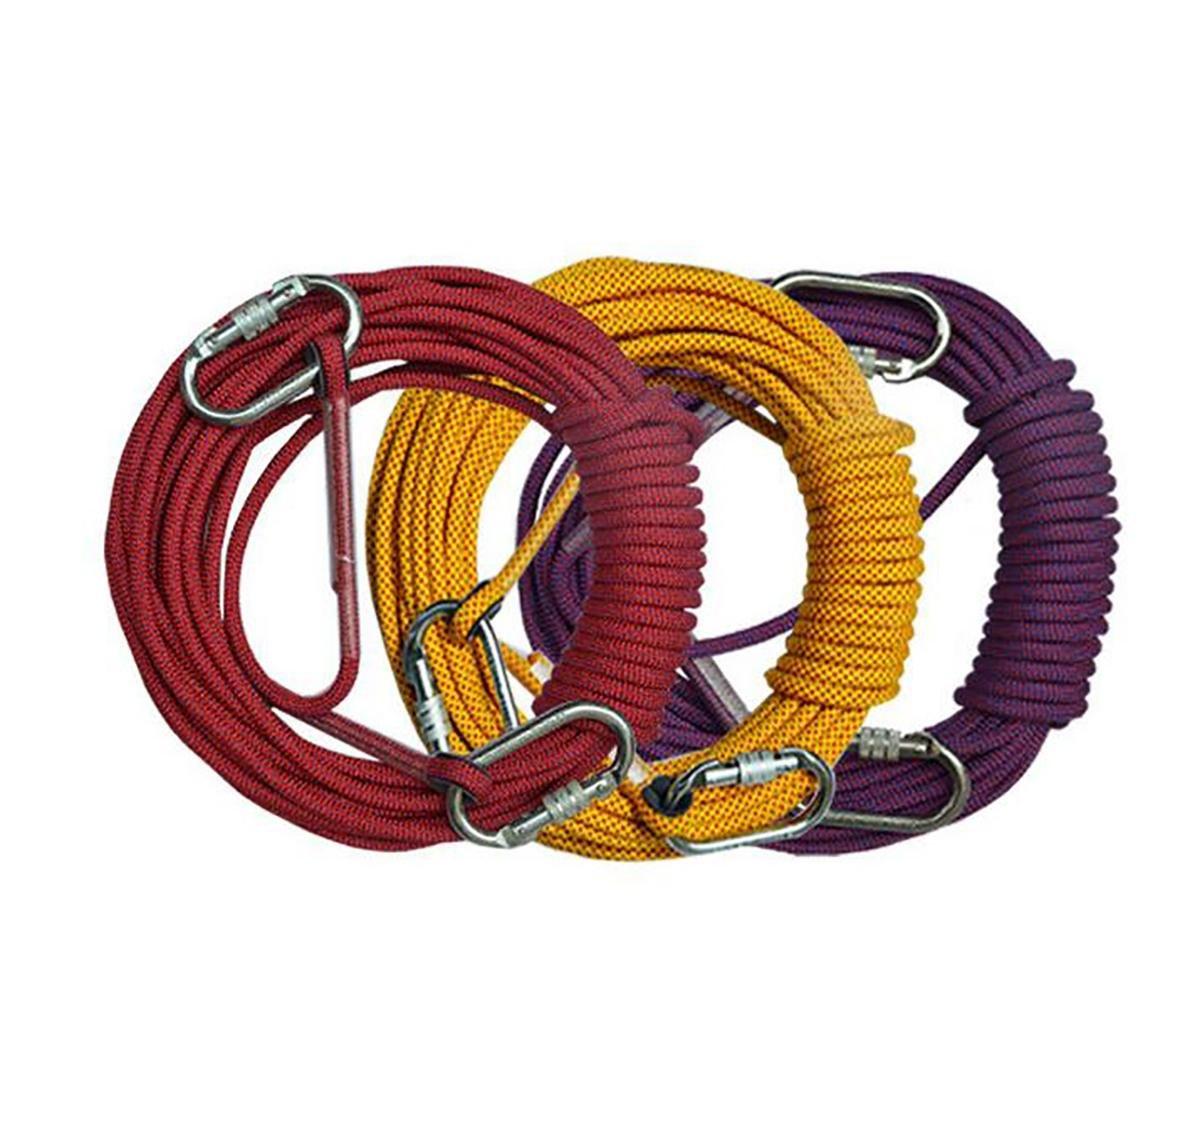 10.5 MM安全ロープ特殊ロープ空調インストールツールスタティックロープポリエステルナイロン レッド 80m